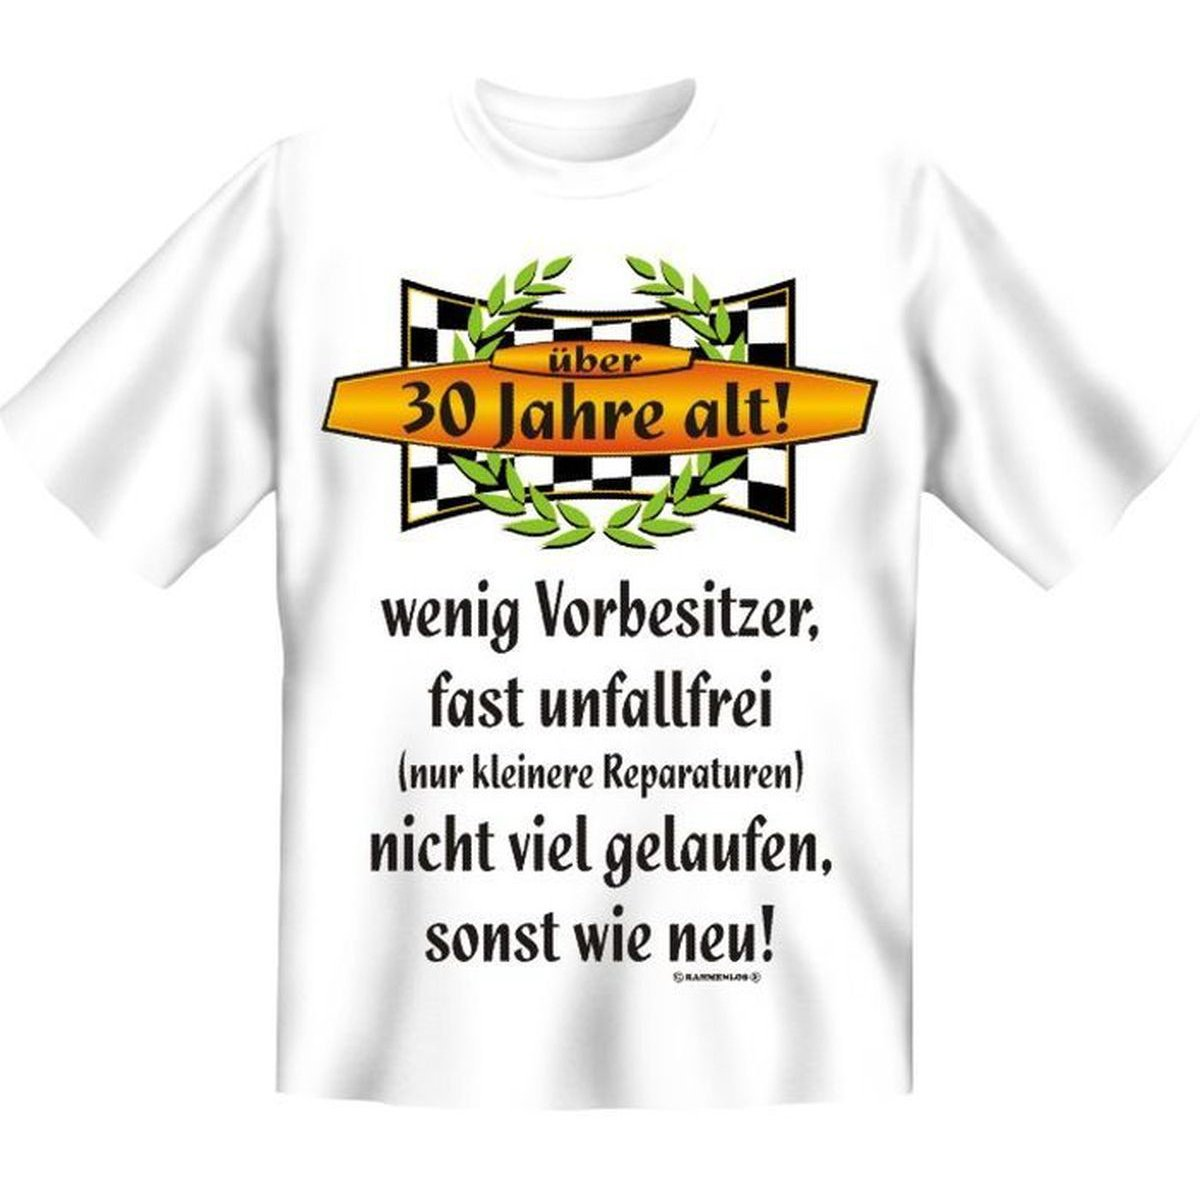 Außergewöhnlich 30.Geburtstag Spass T Shirt 30 Jahre Alt! Wenig Vorbesitzer ... Fb Weiss:  Amazon.de: Sport U0026 Freizeit